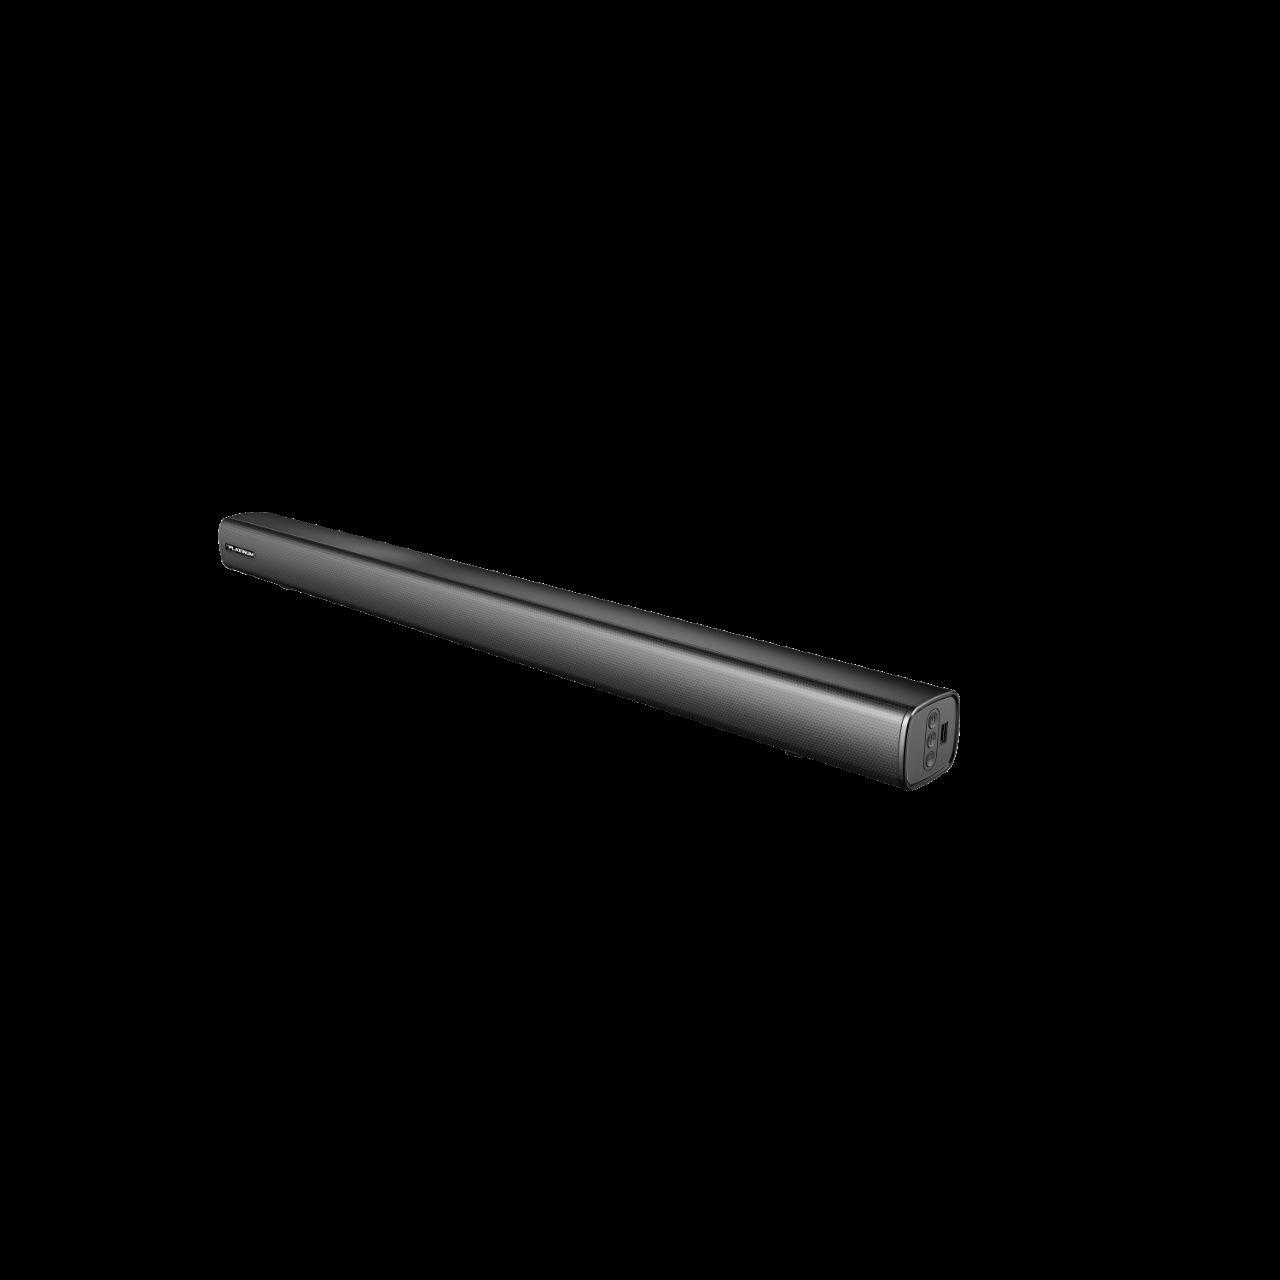 Loa Thanh Soundbar The Platinum PTSB-80W. Công Suất 80W Cho Âm Thanh Chi Tiết, Trung Thực. Kết Nối Bluetooth, LINE, AUX, USB. - Hàng Chính Hãng